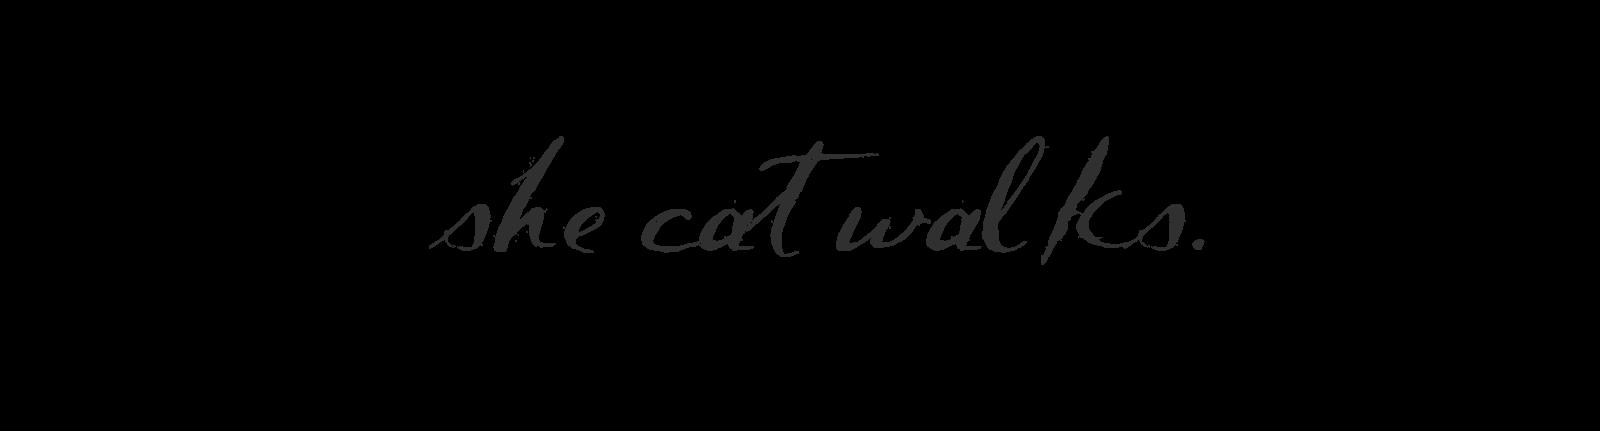 she catwalks